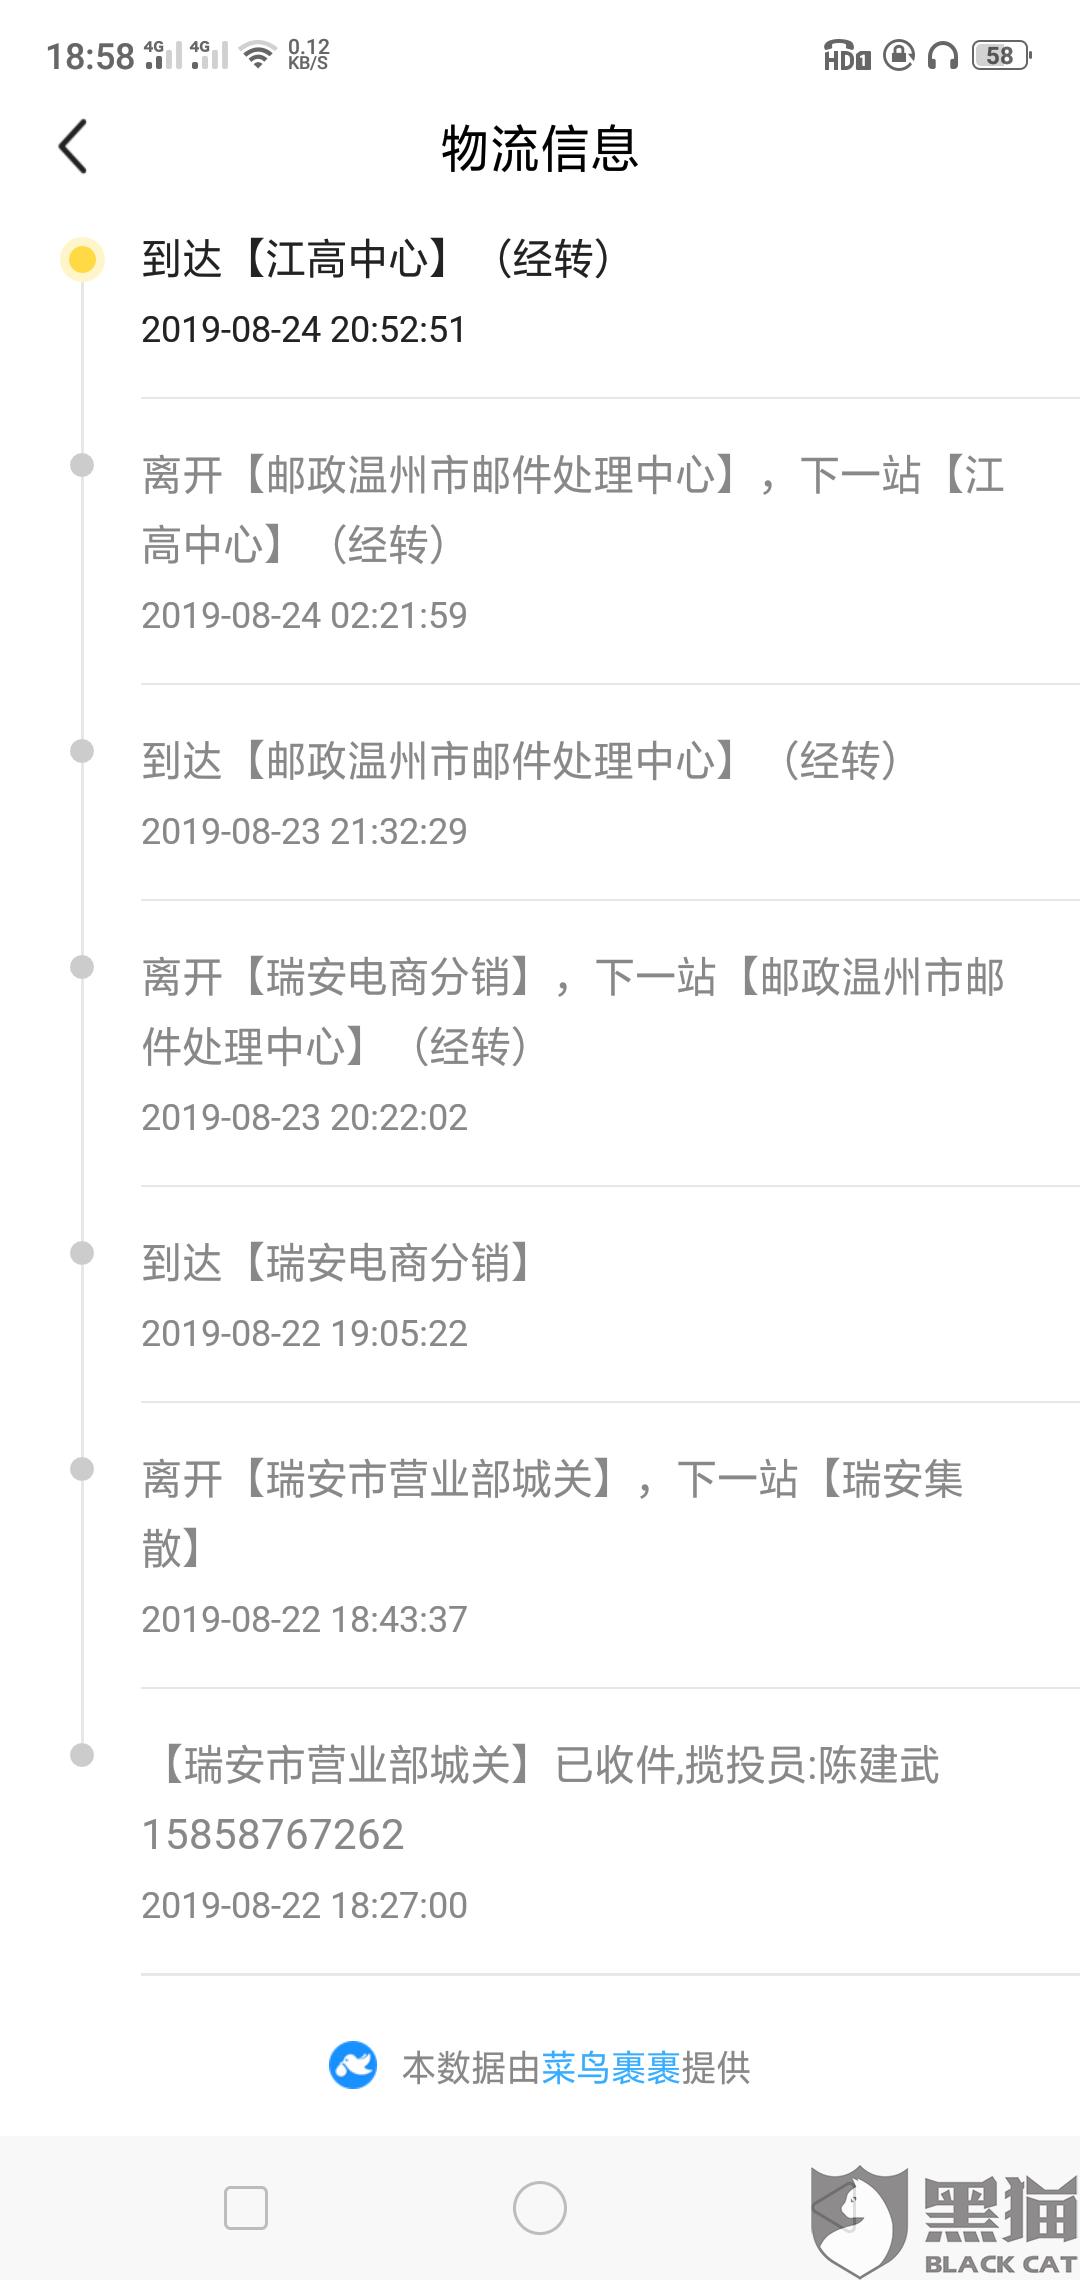 黑猫投诉:ems中国邮政快递用时6小时解决了消费者投诉